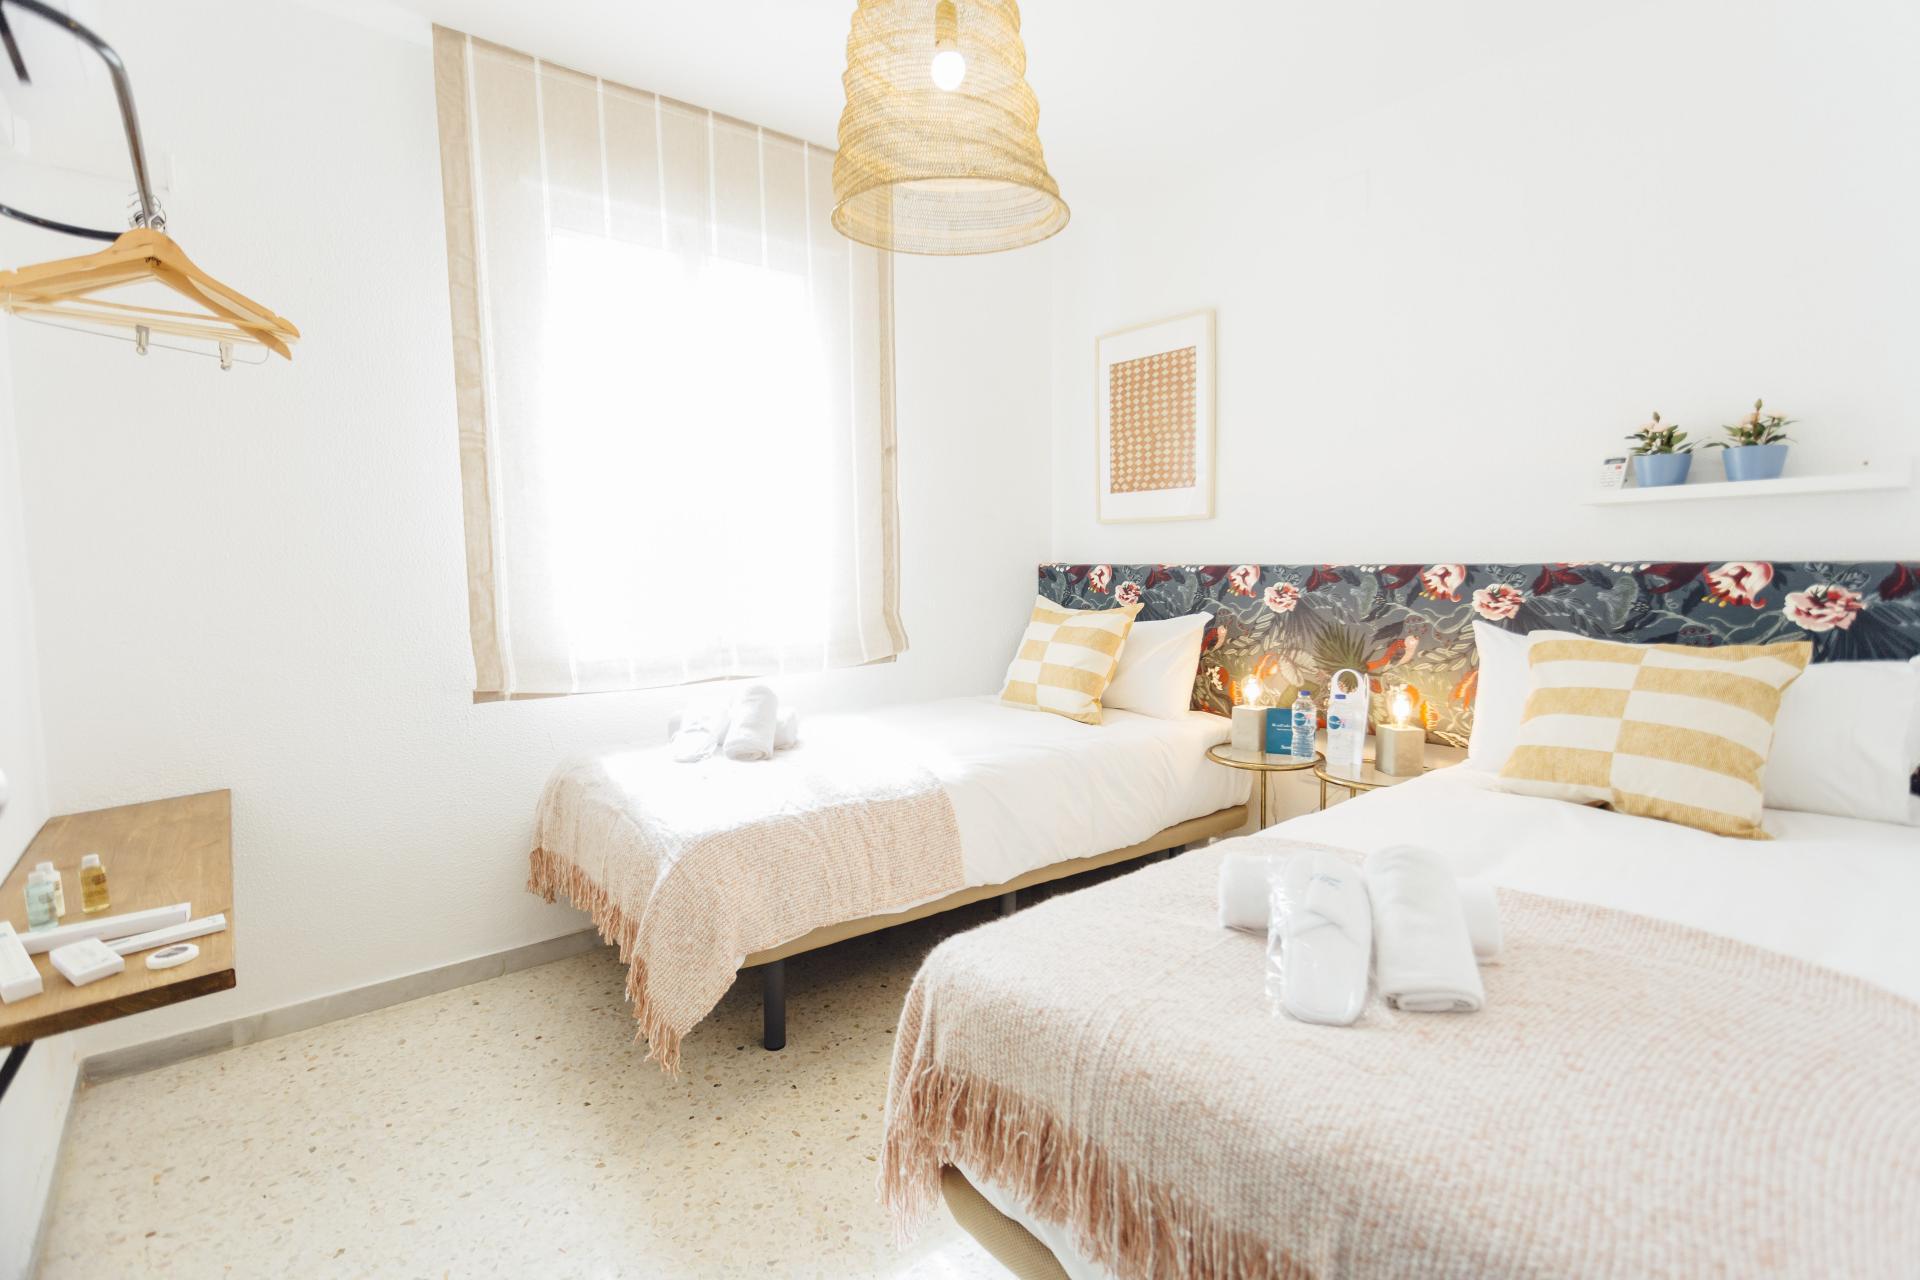 Twin beds at Plaza de Zurradores Apartment